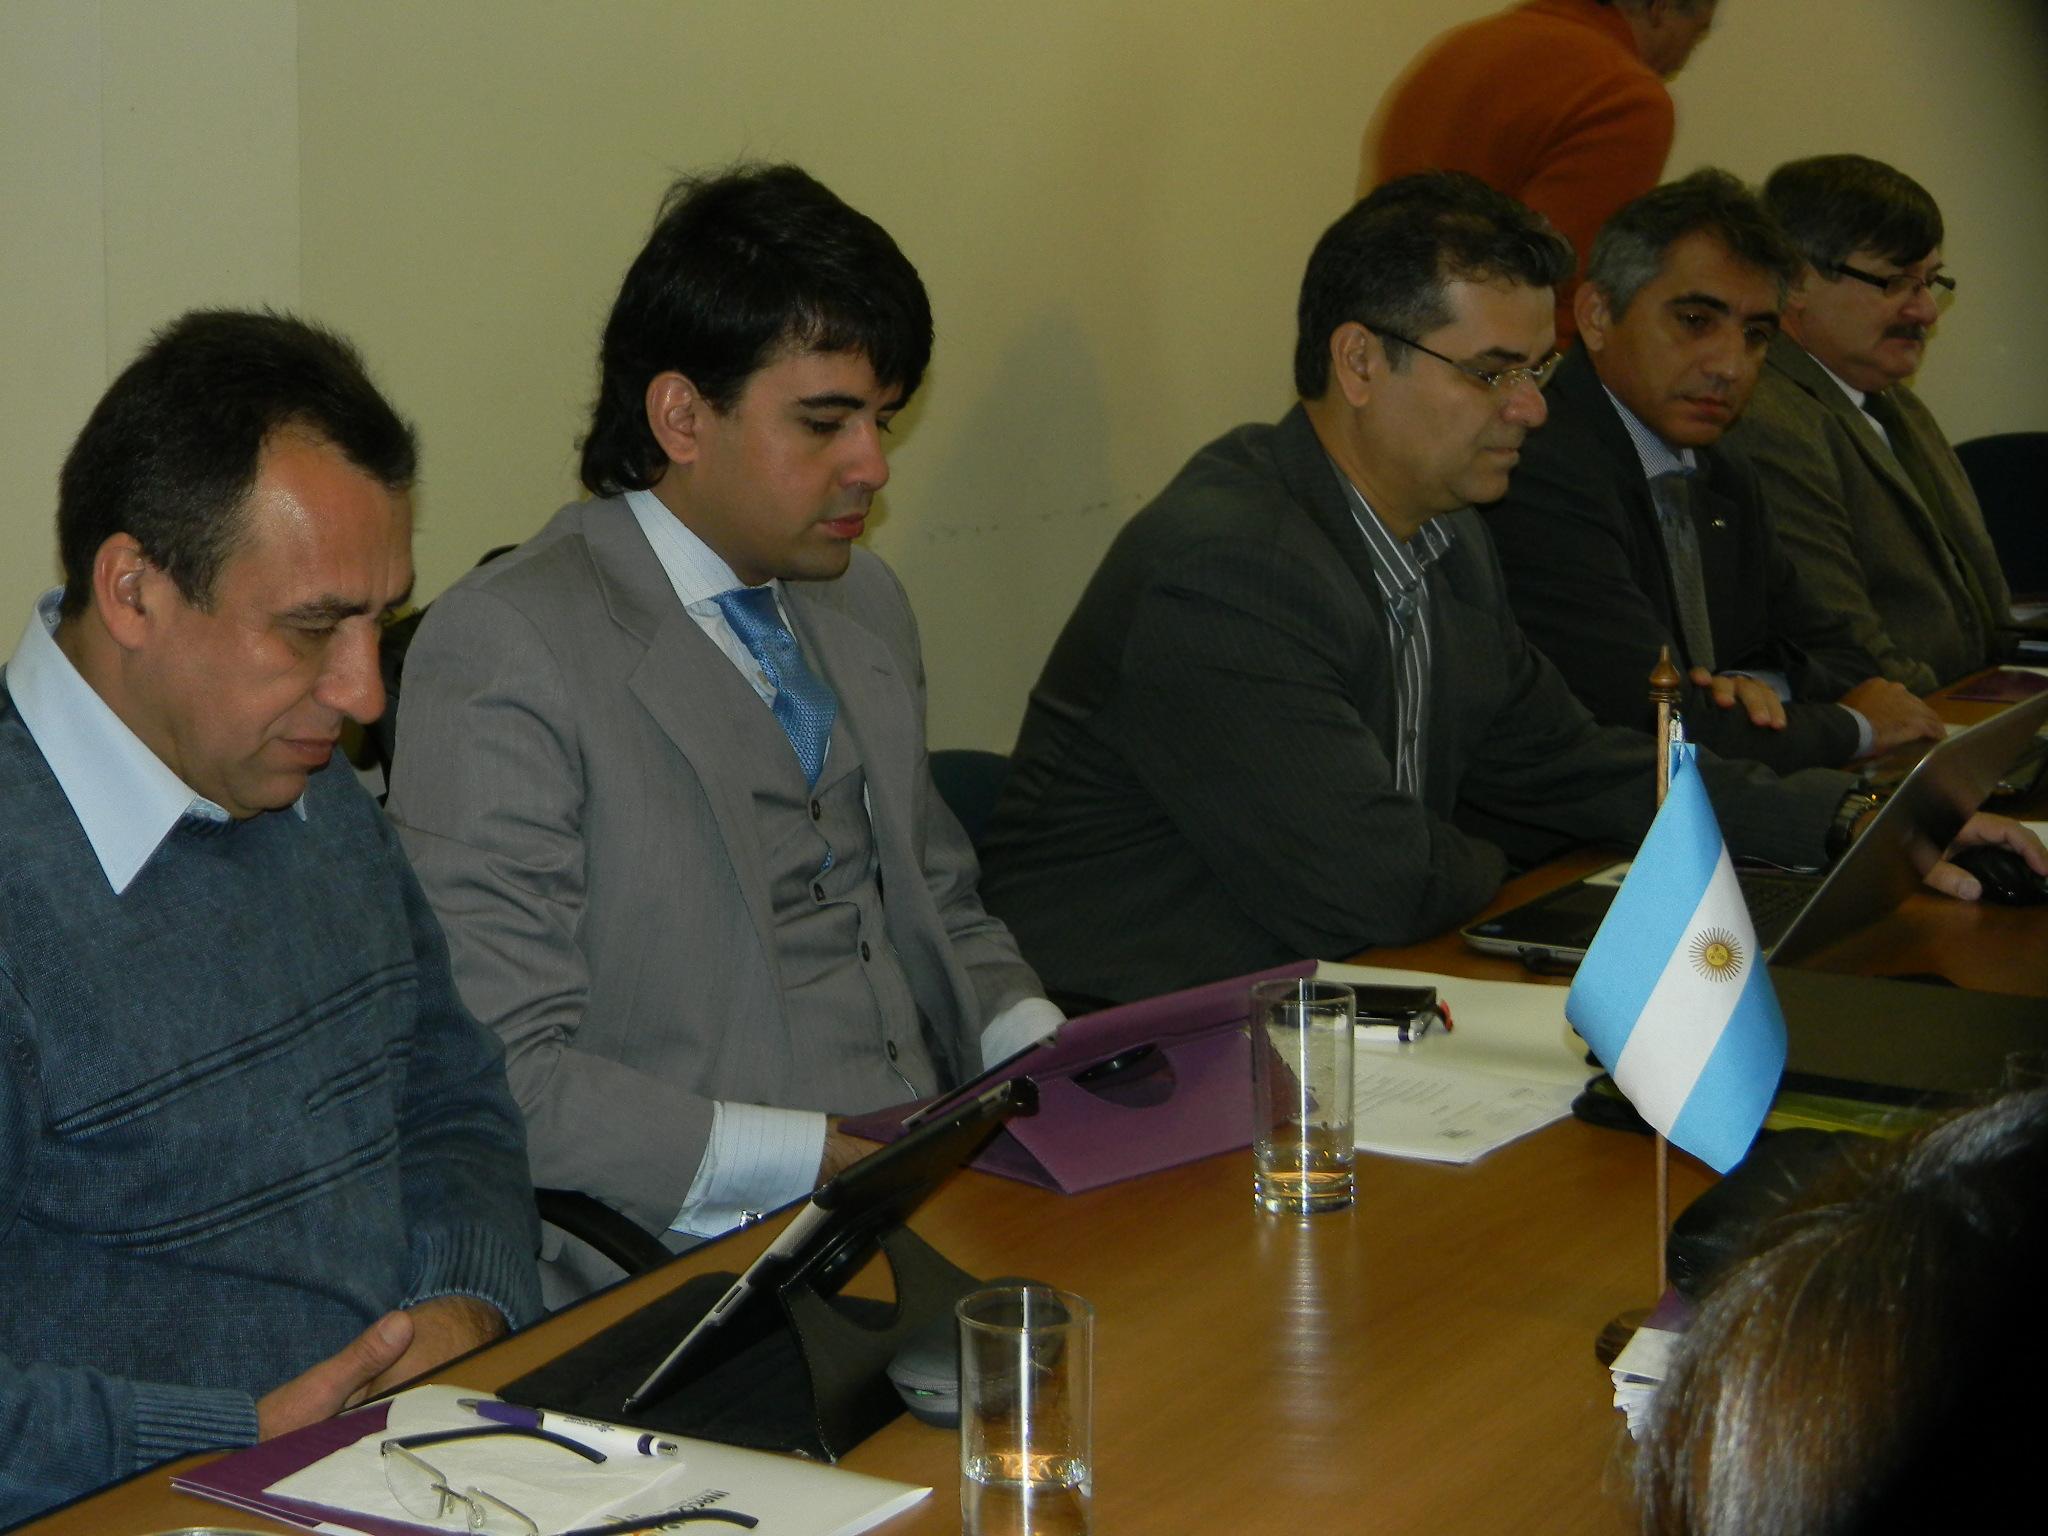 O presidente da Unisol Brasil, Arildo Mota (primeiro à esquerda), durante plenária no Uruguai